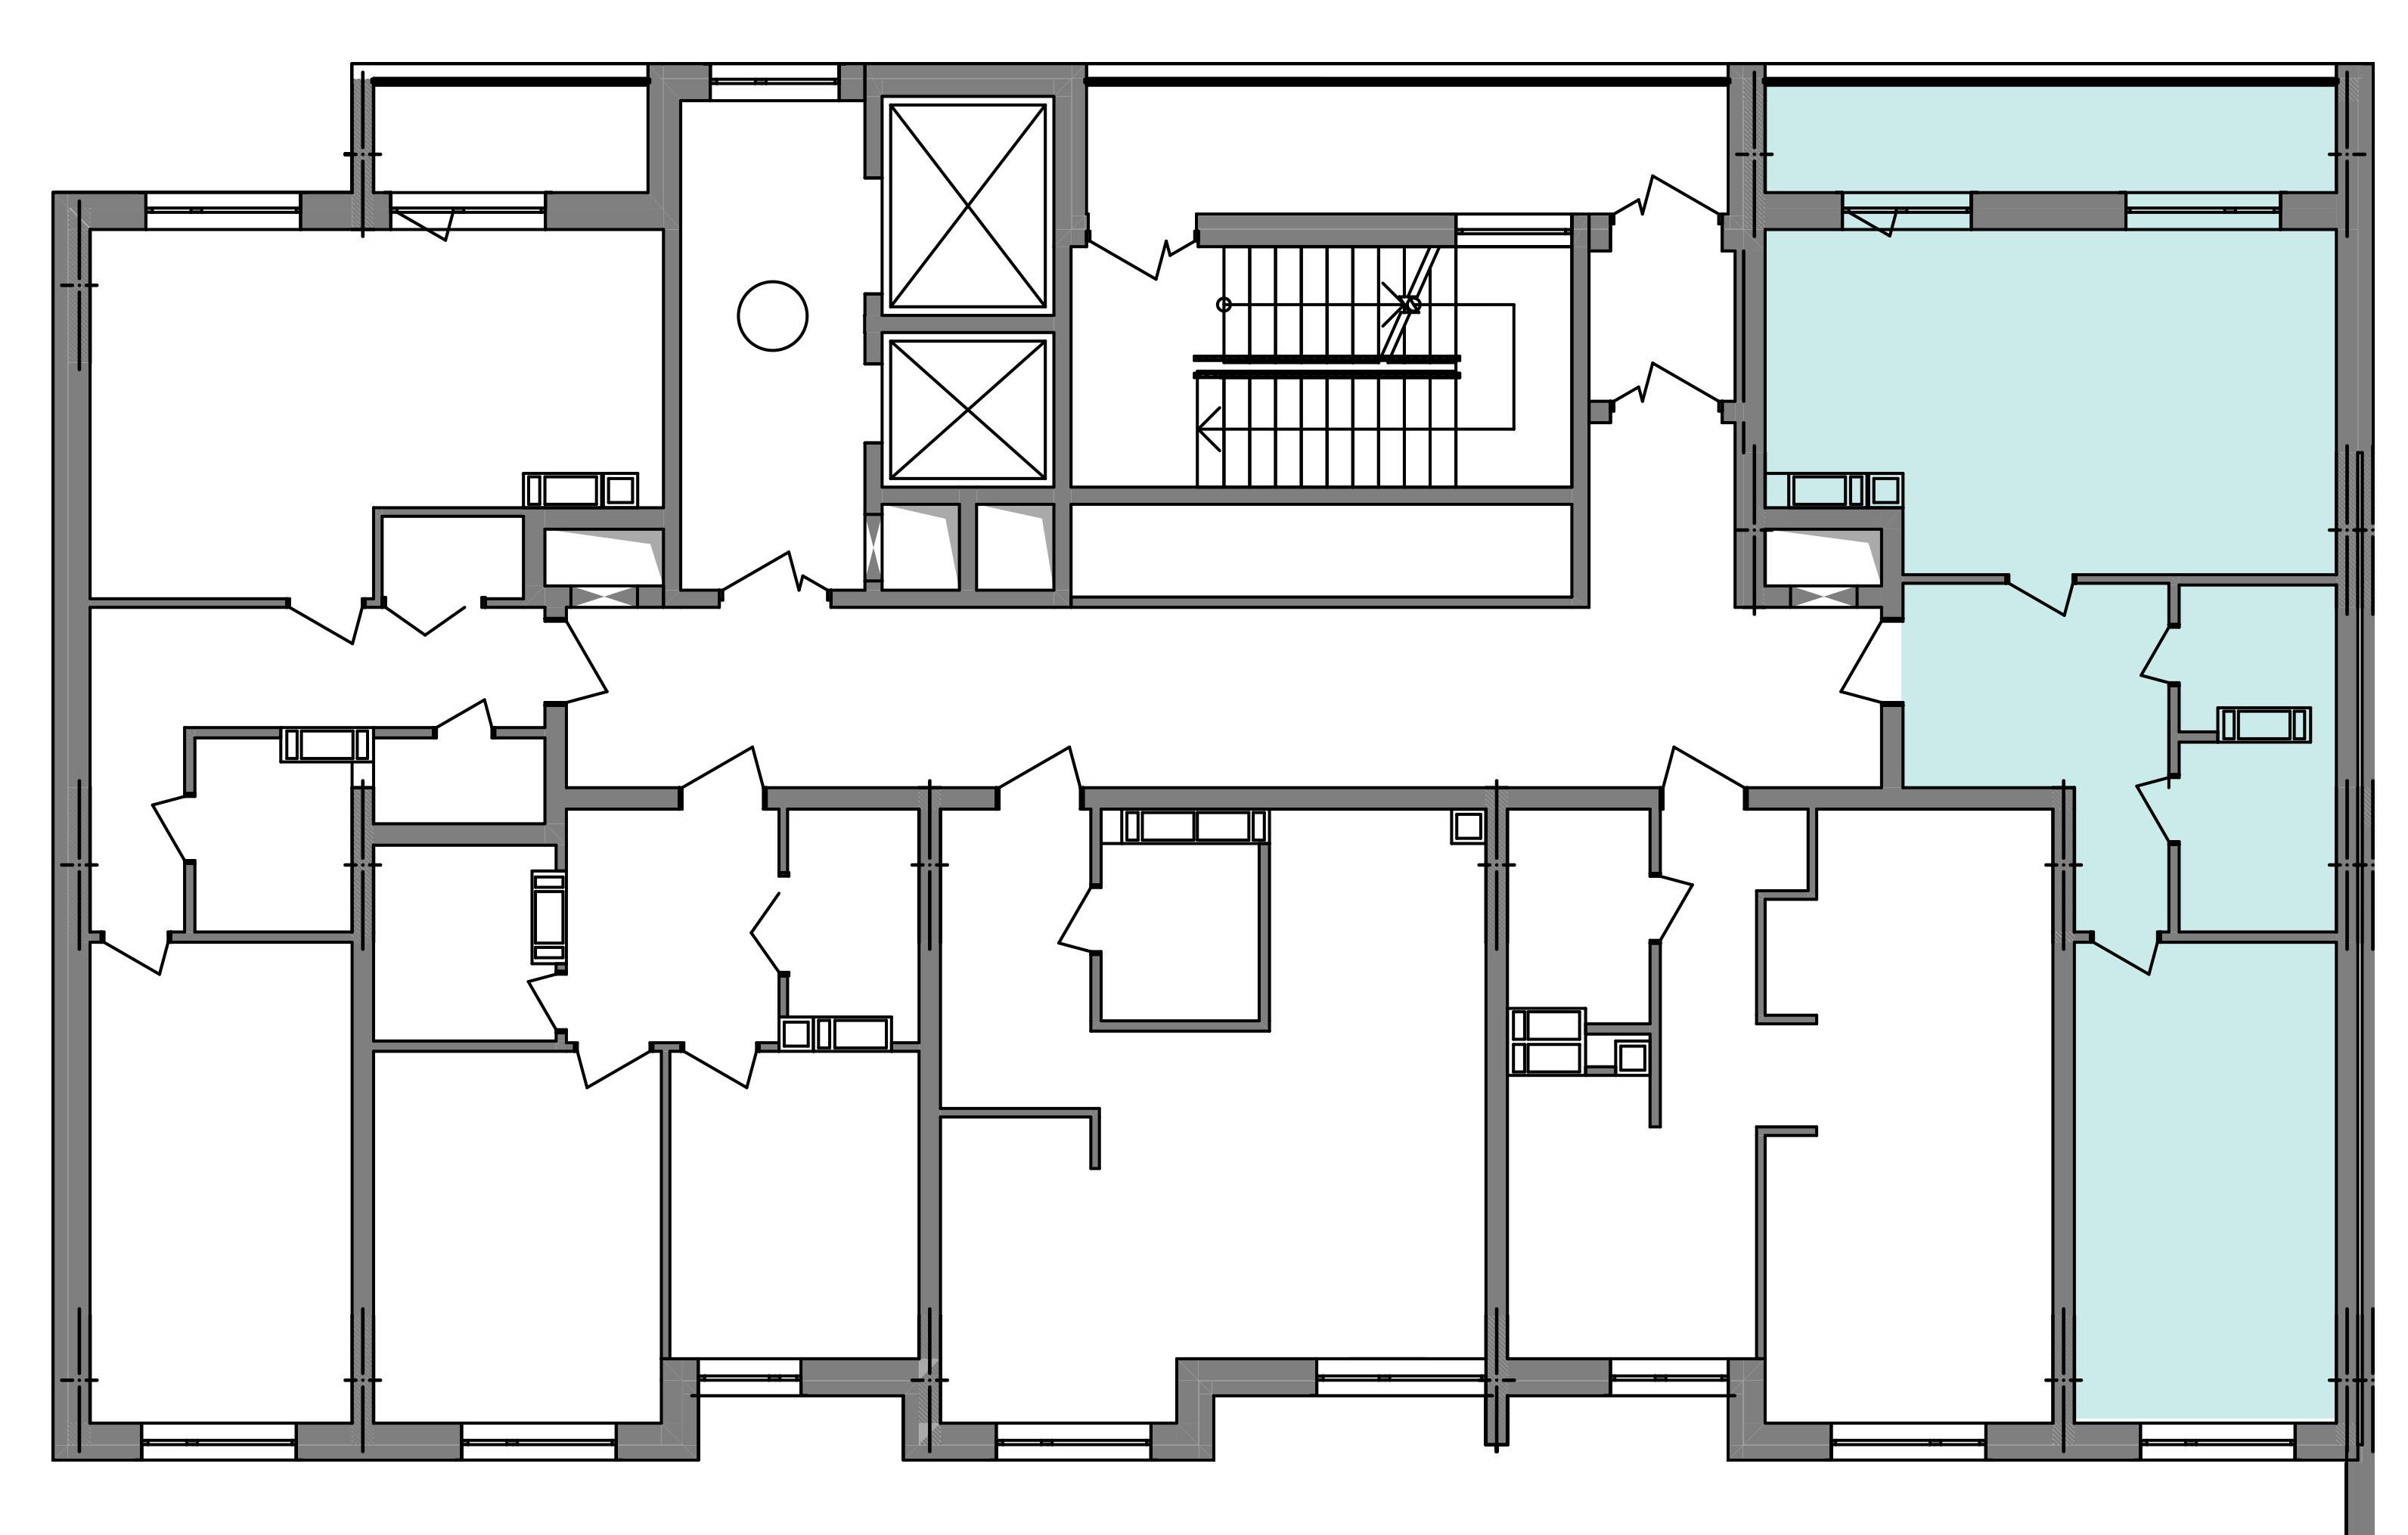 Двухкомнатная квартира 60,72 кв.м., тип 2.1, дом 3, секция 4 расположение на этаже